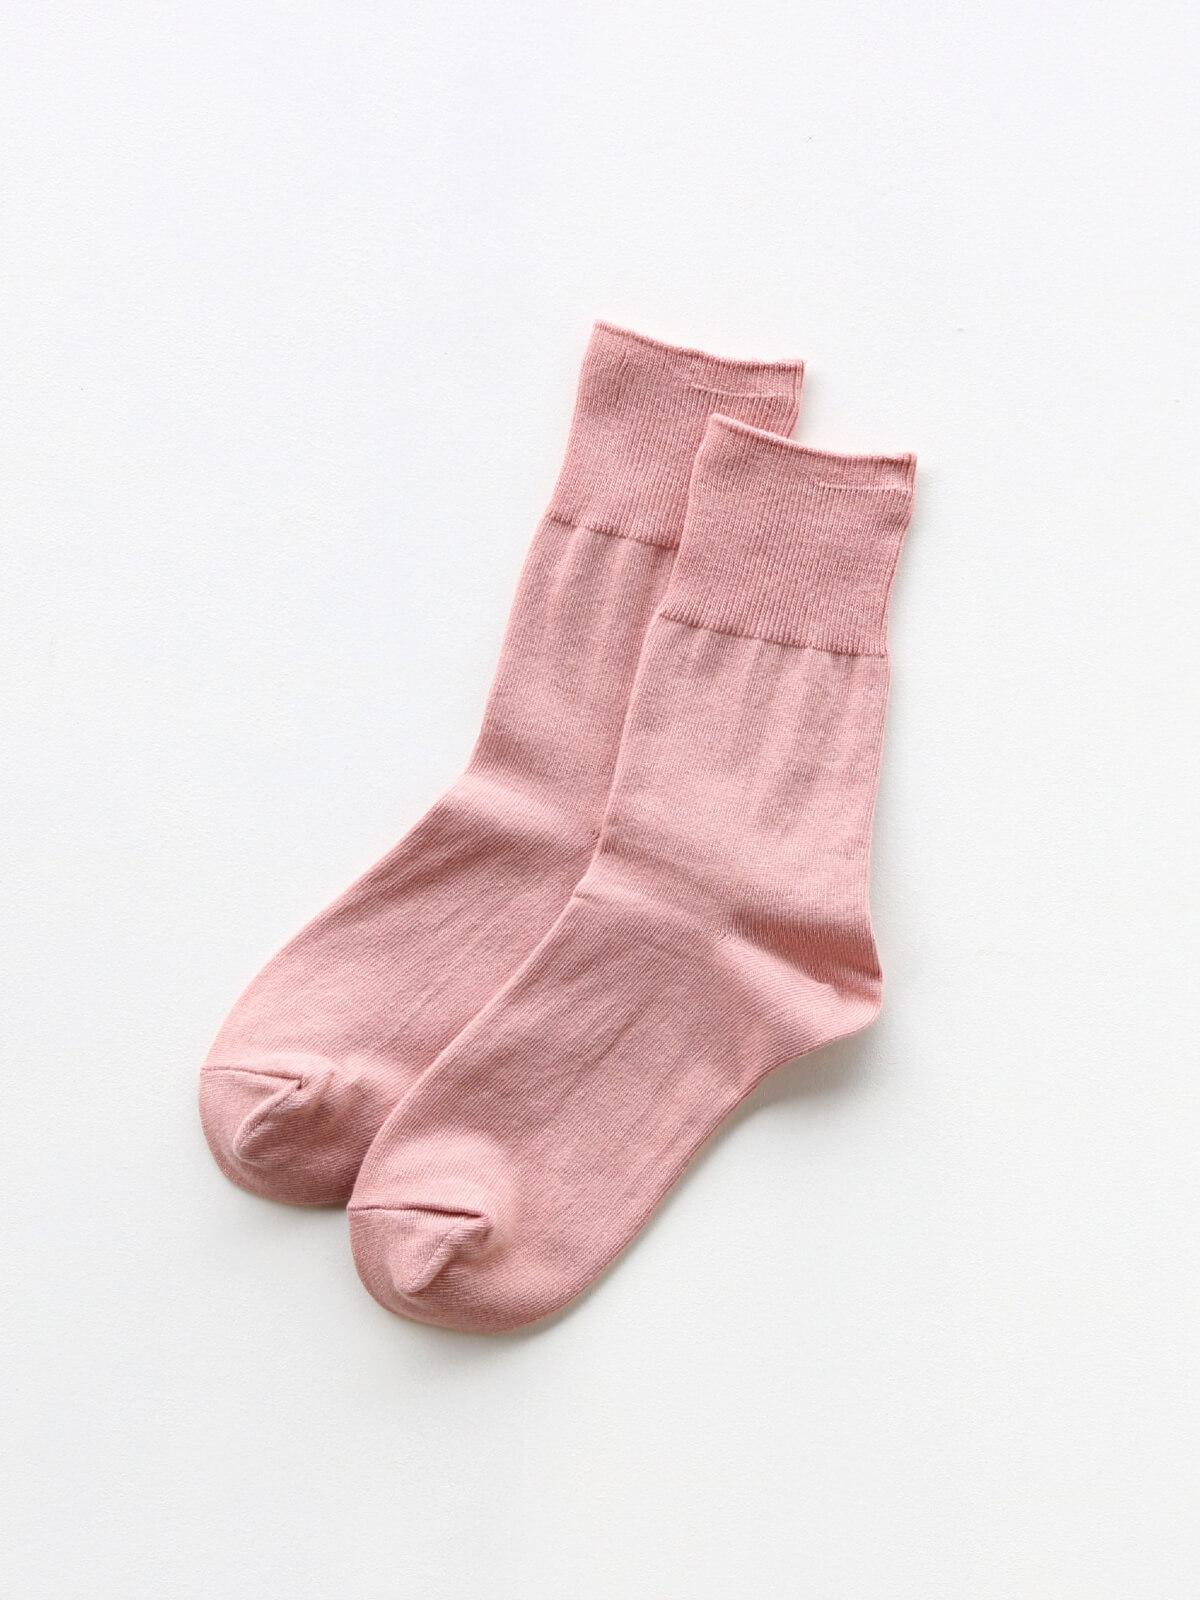 当たりつきギフト専用靴下のLUCKY SOCKS(ラッキーソックス)のLight Ankle Socks(ライトアンクルソックス)のパウダーピーチ_2